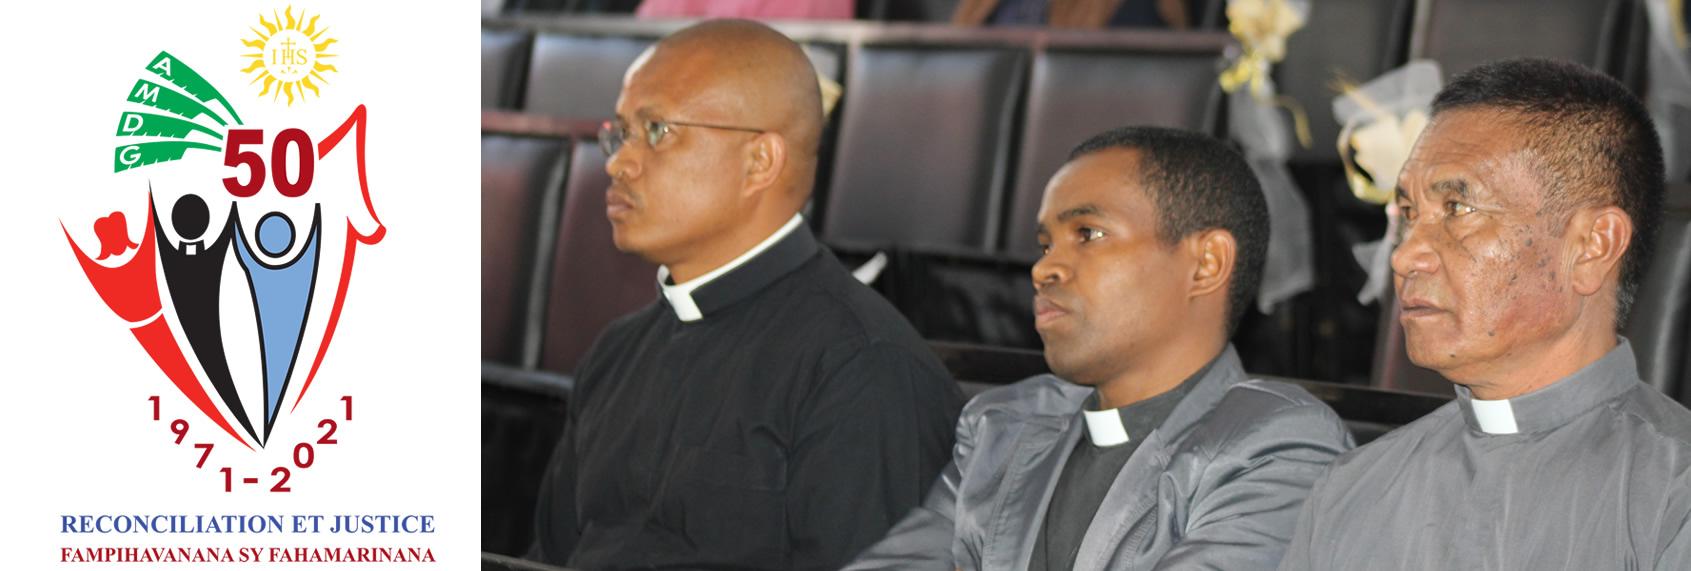 Les Frères Jésuites